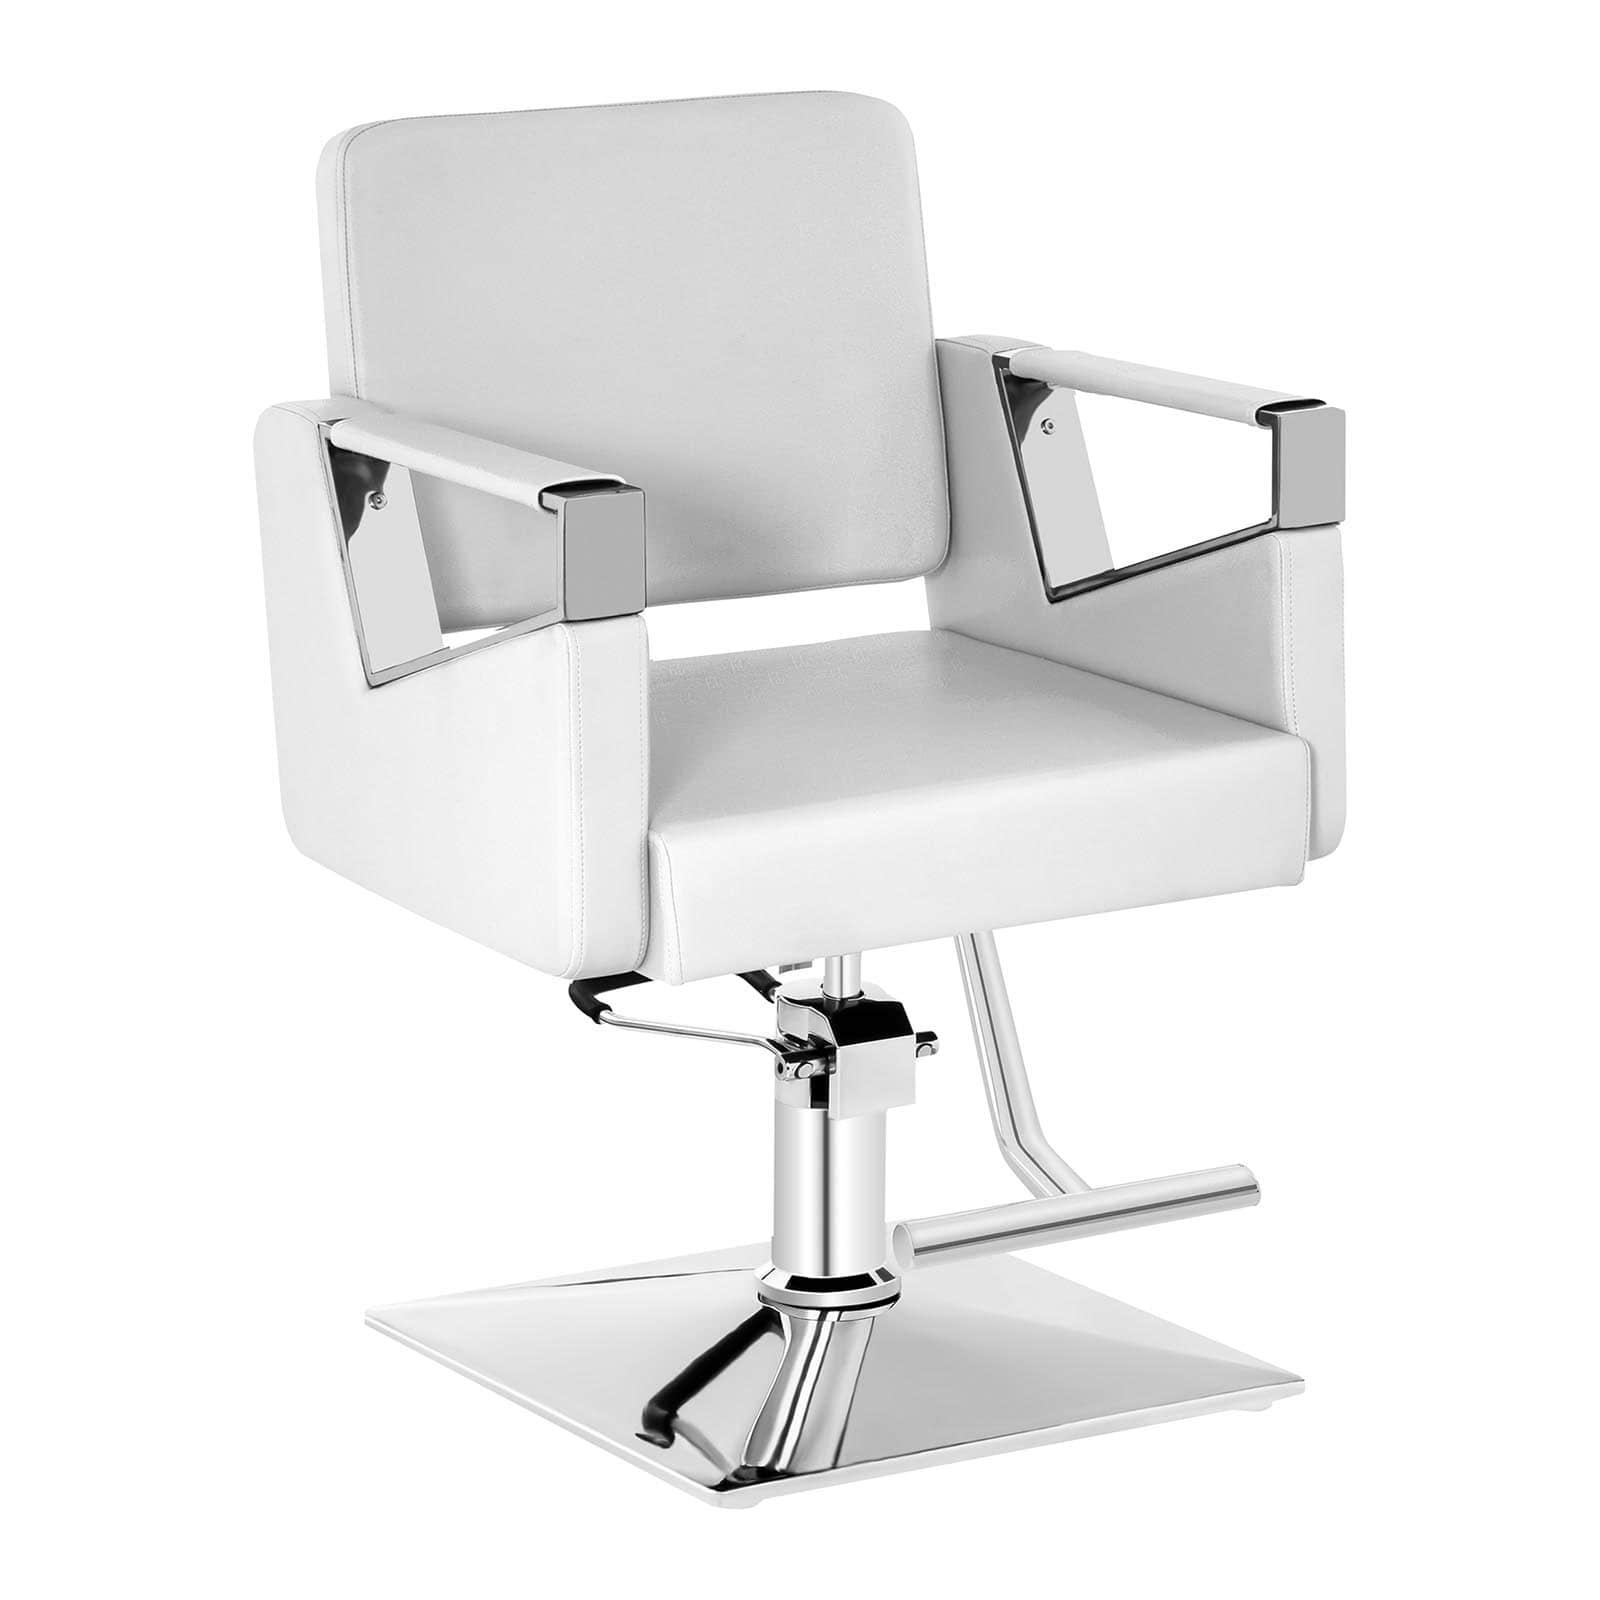 Zestaw Fotel fryzjerski Bristol - biały - 200 kg + Podnóżek fryzjerski - stal nierdzewna